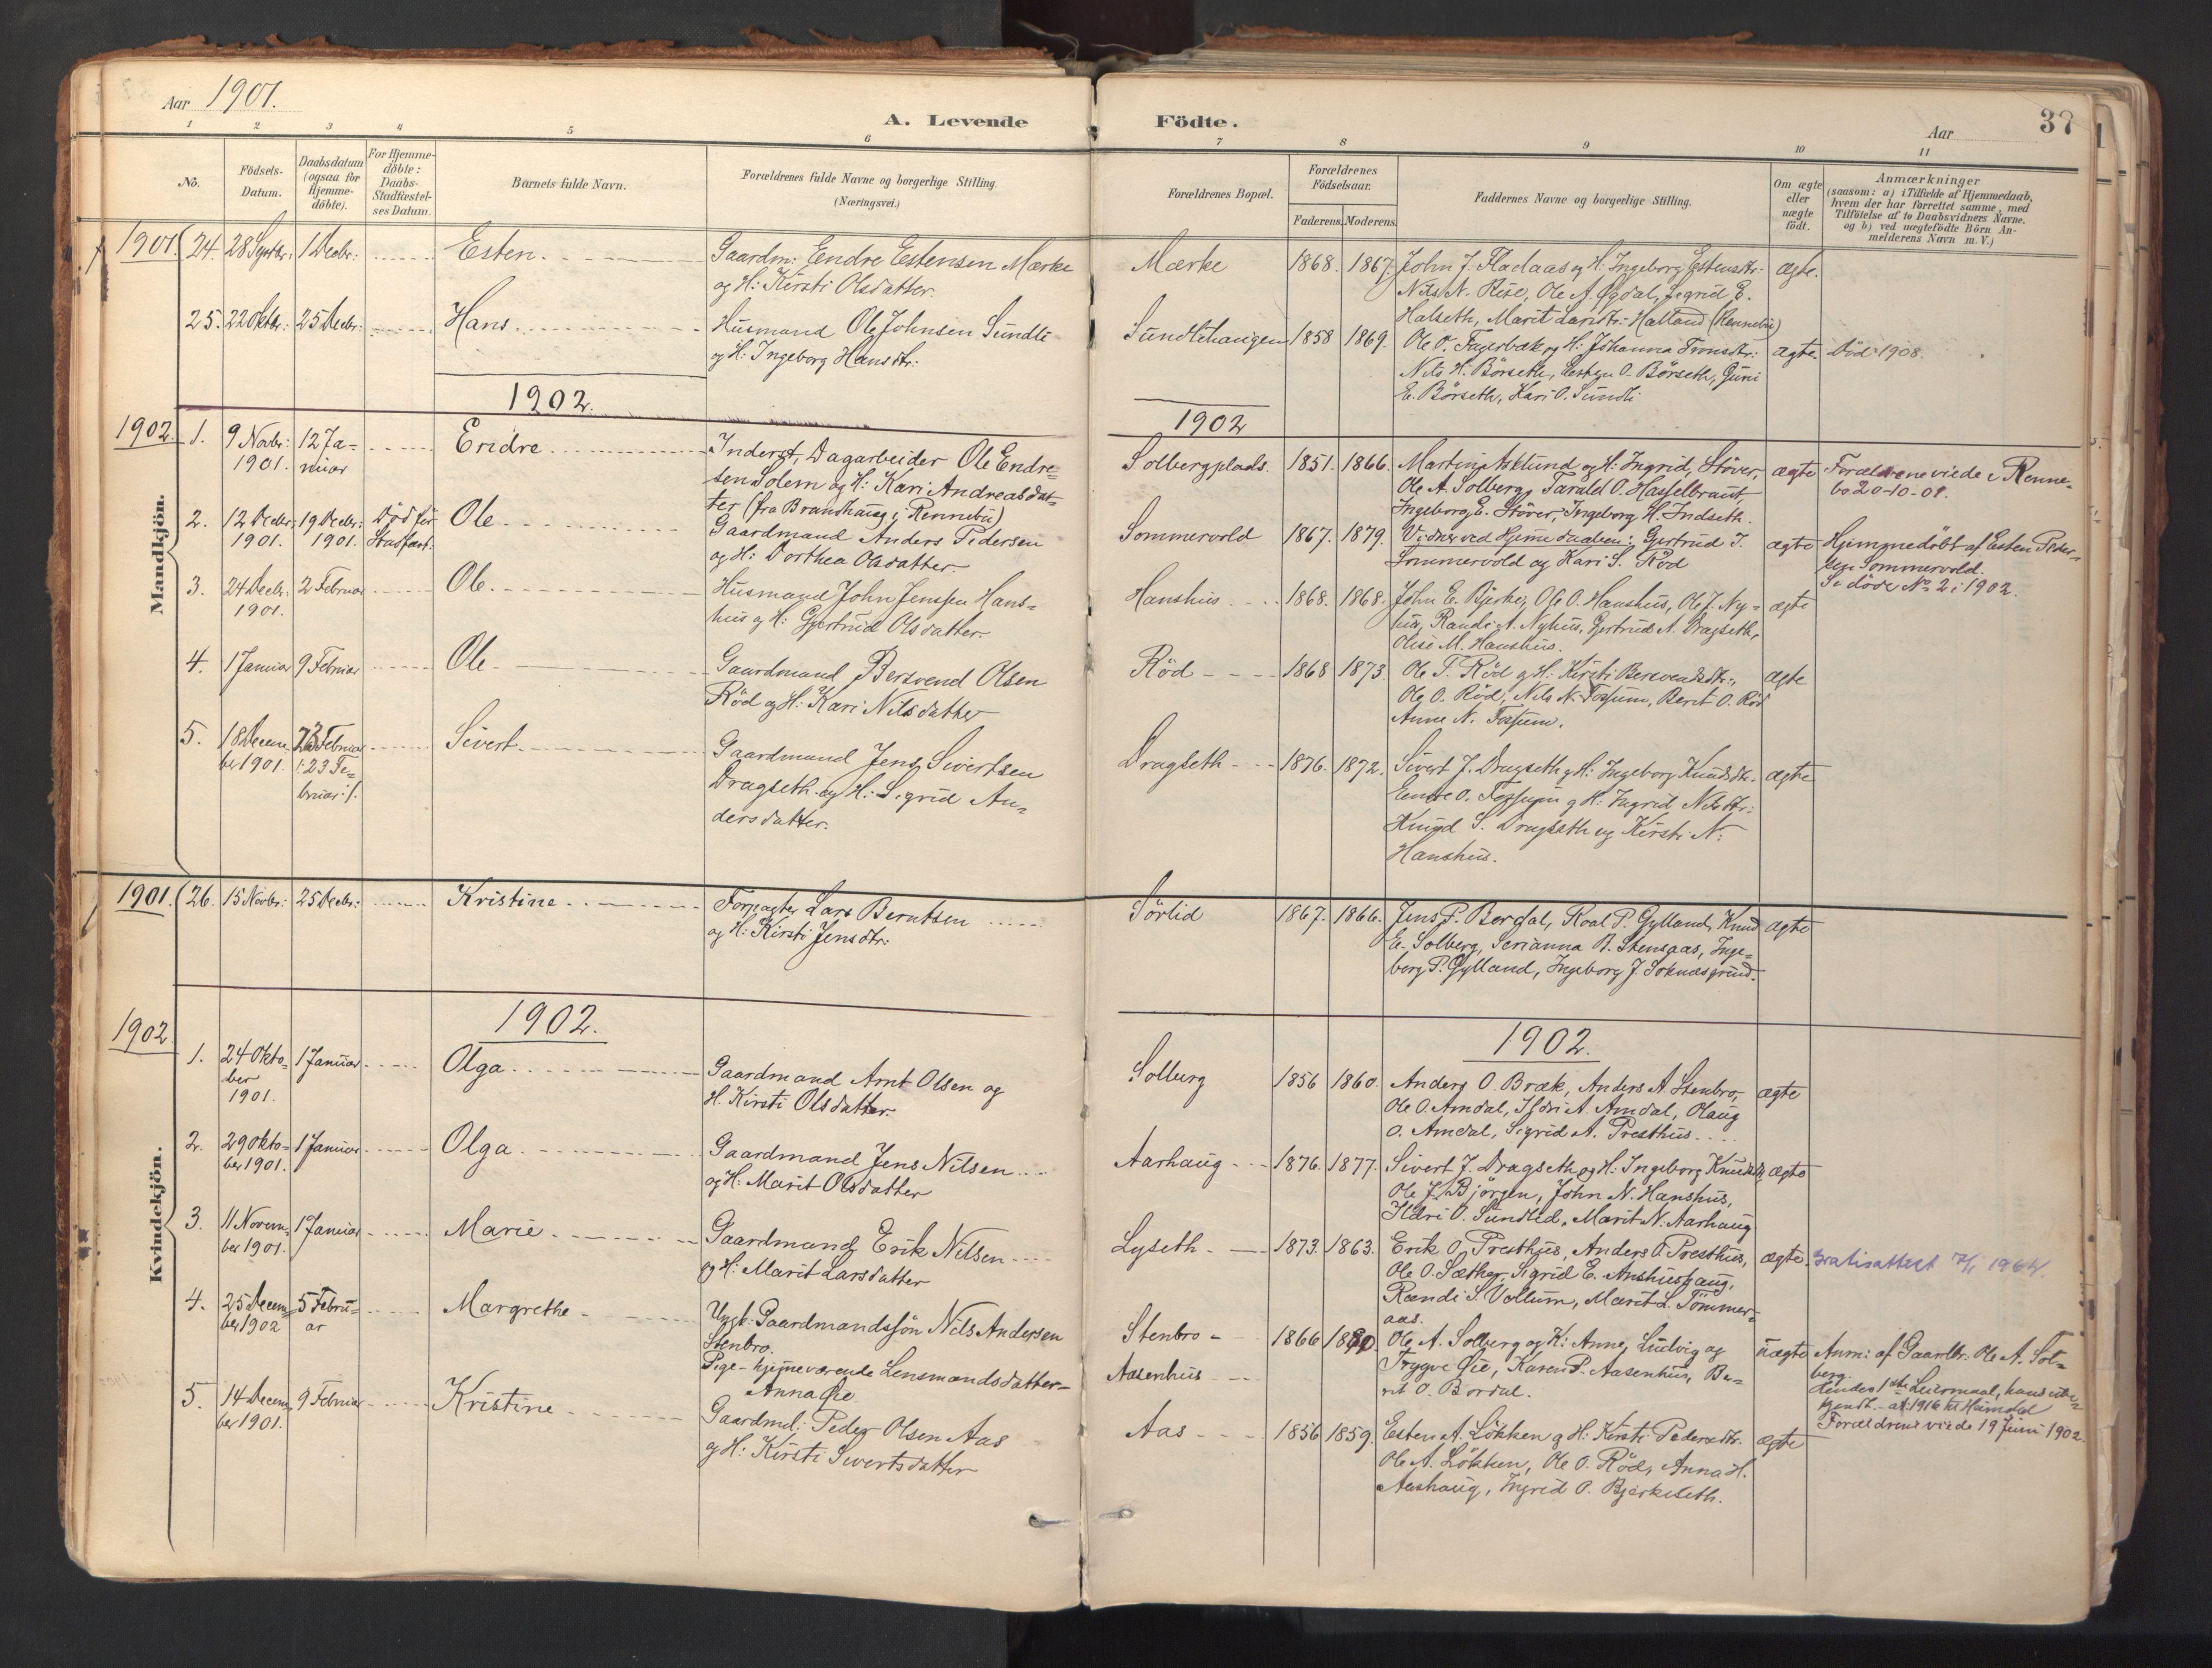 SAT, Ministerialprotokoller, klokkerbøker og fødselsregistre - Sør-Trøndelag, 689/L1041: Ministerialbok nr. 689A06, 1891-1923, s. 37